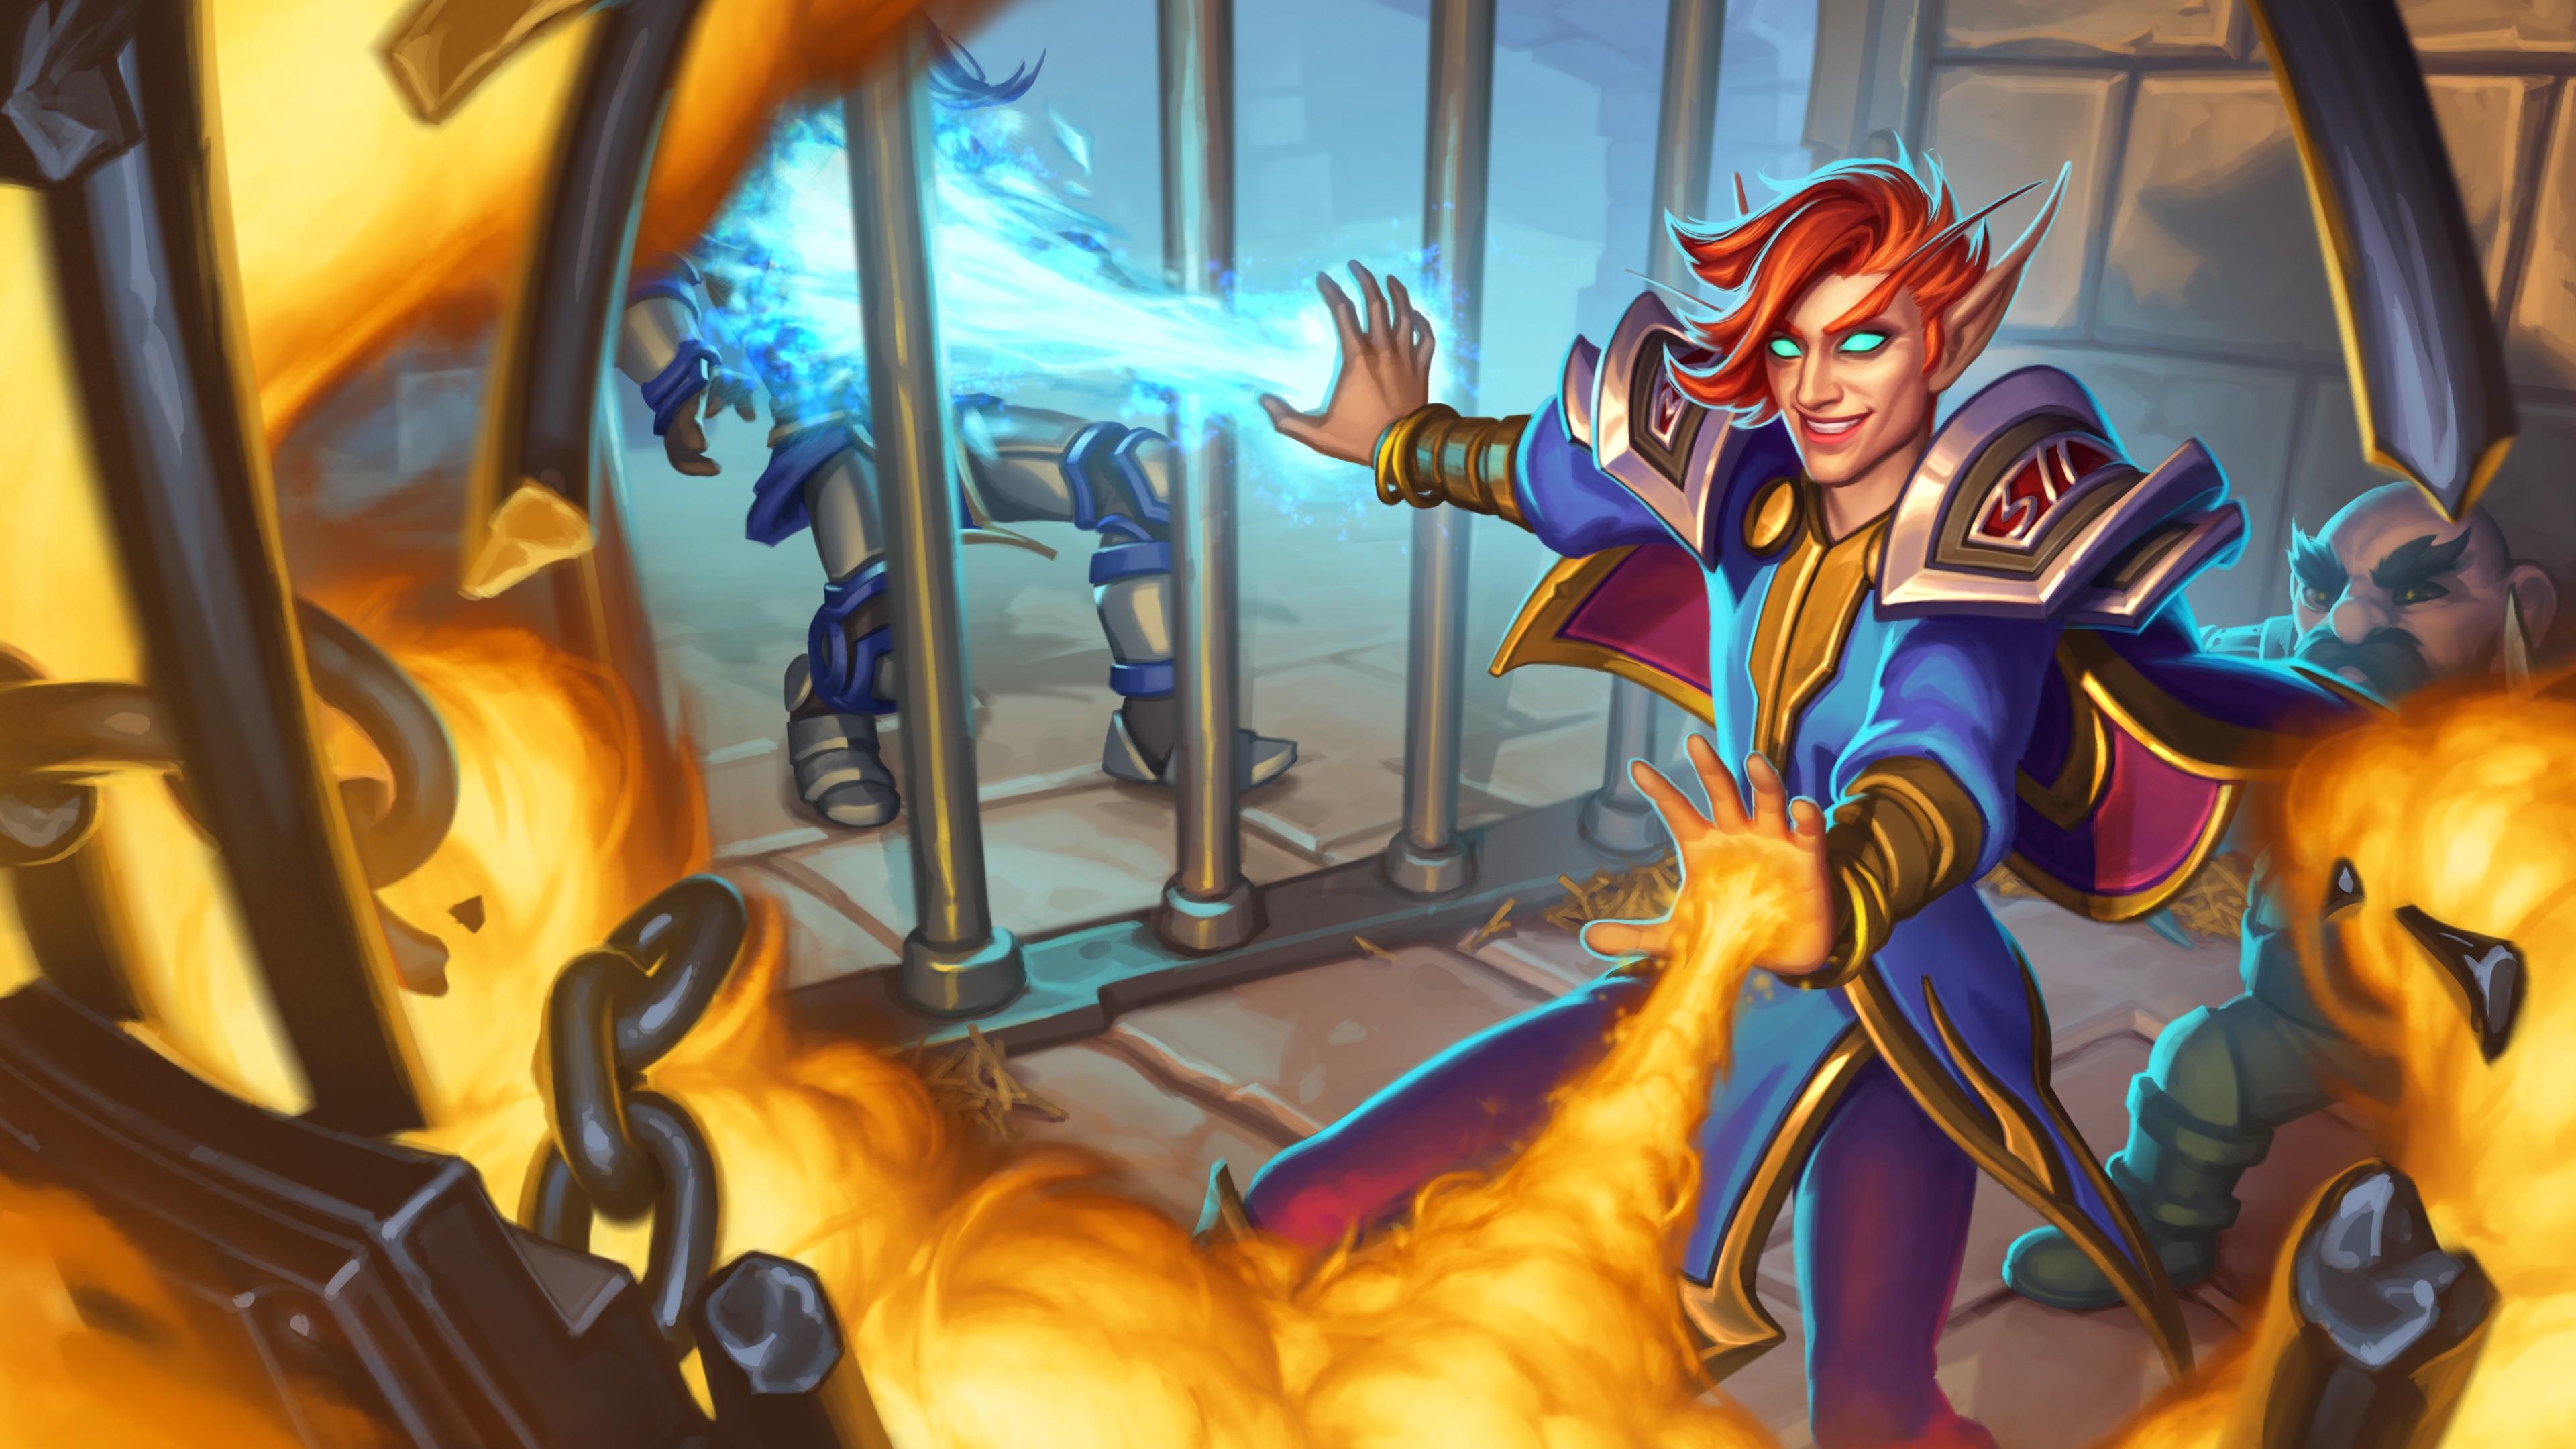 Sorcerer's Gambit art